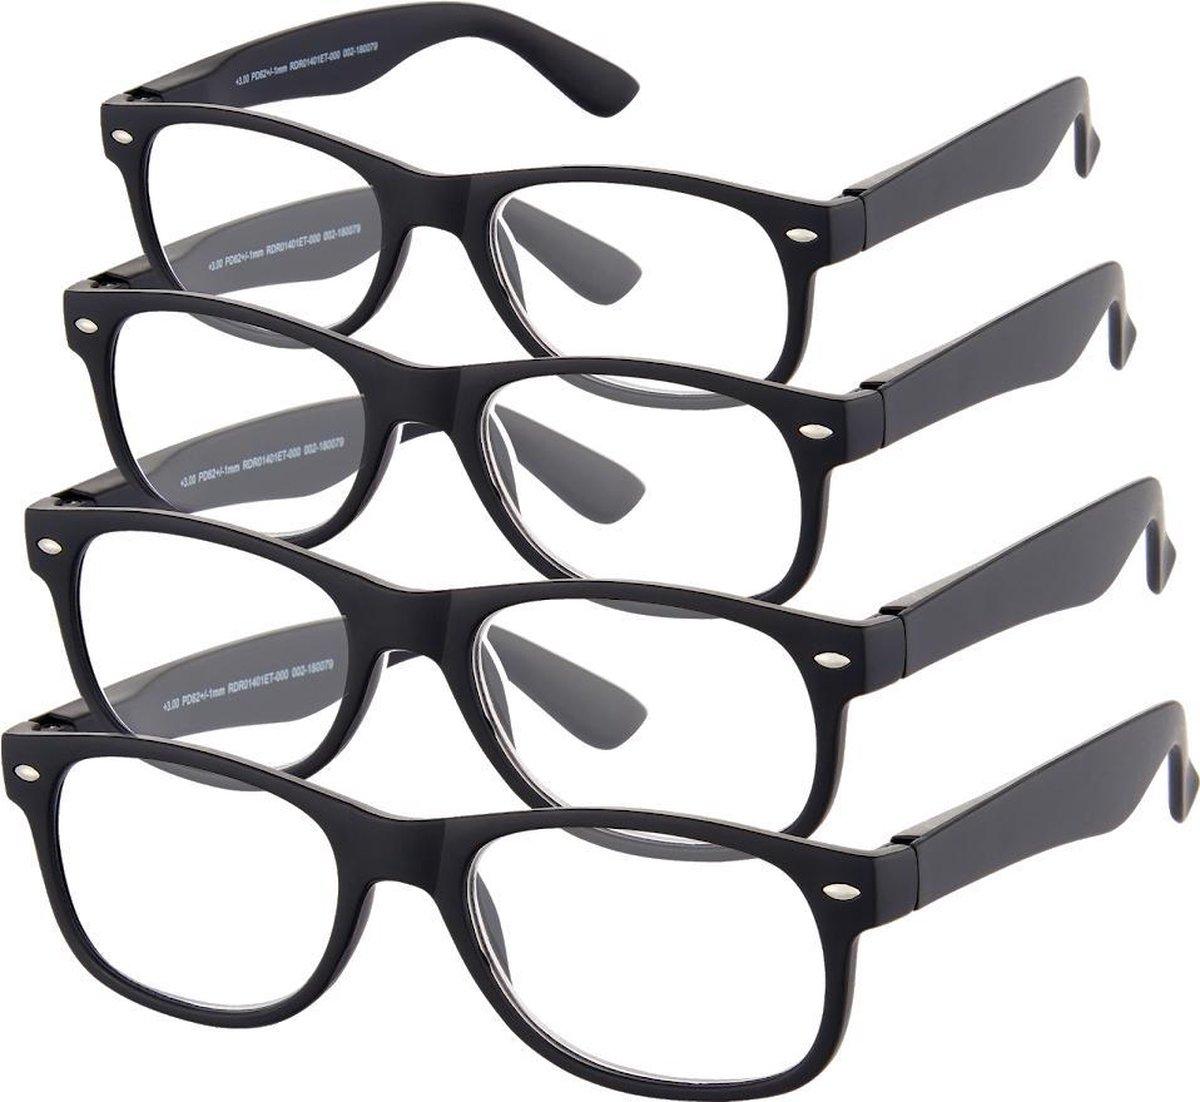 Etos Leesbril Mat Zwart +3.0 - 4 stuks